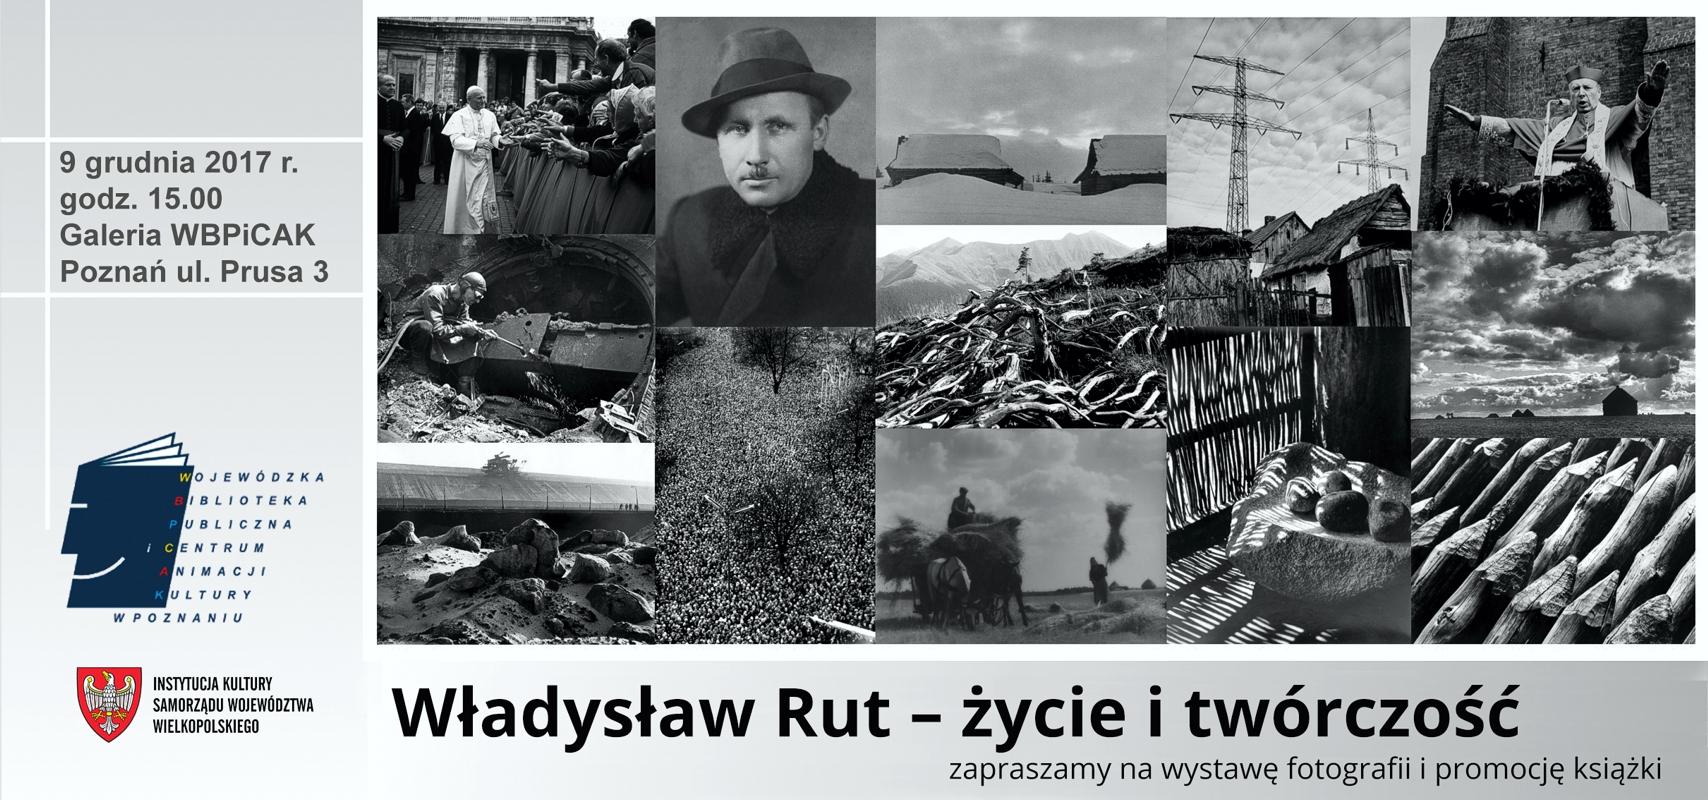 Zaproszenie Władysław Rut